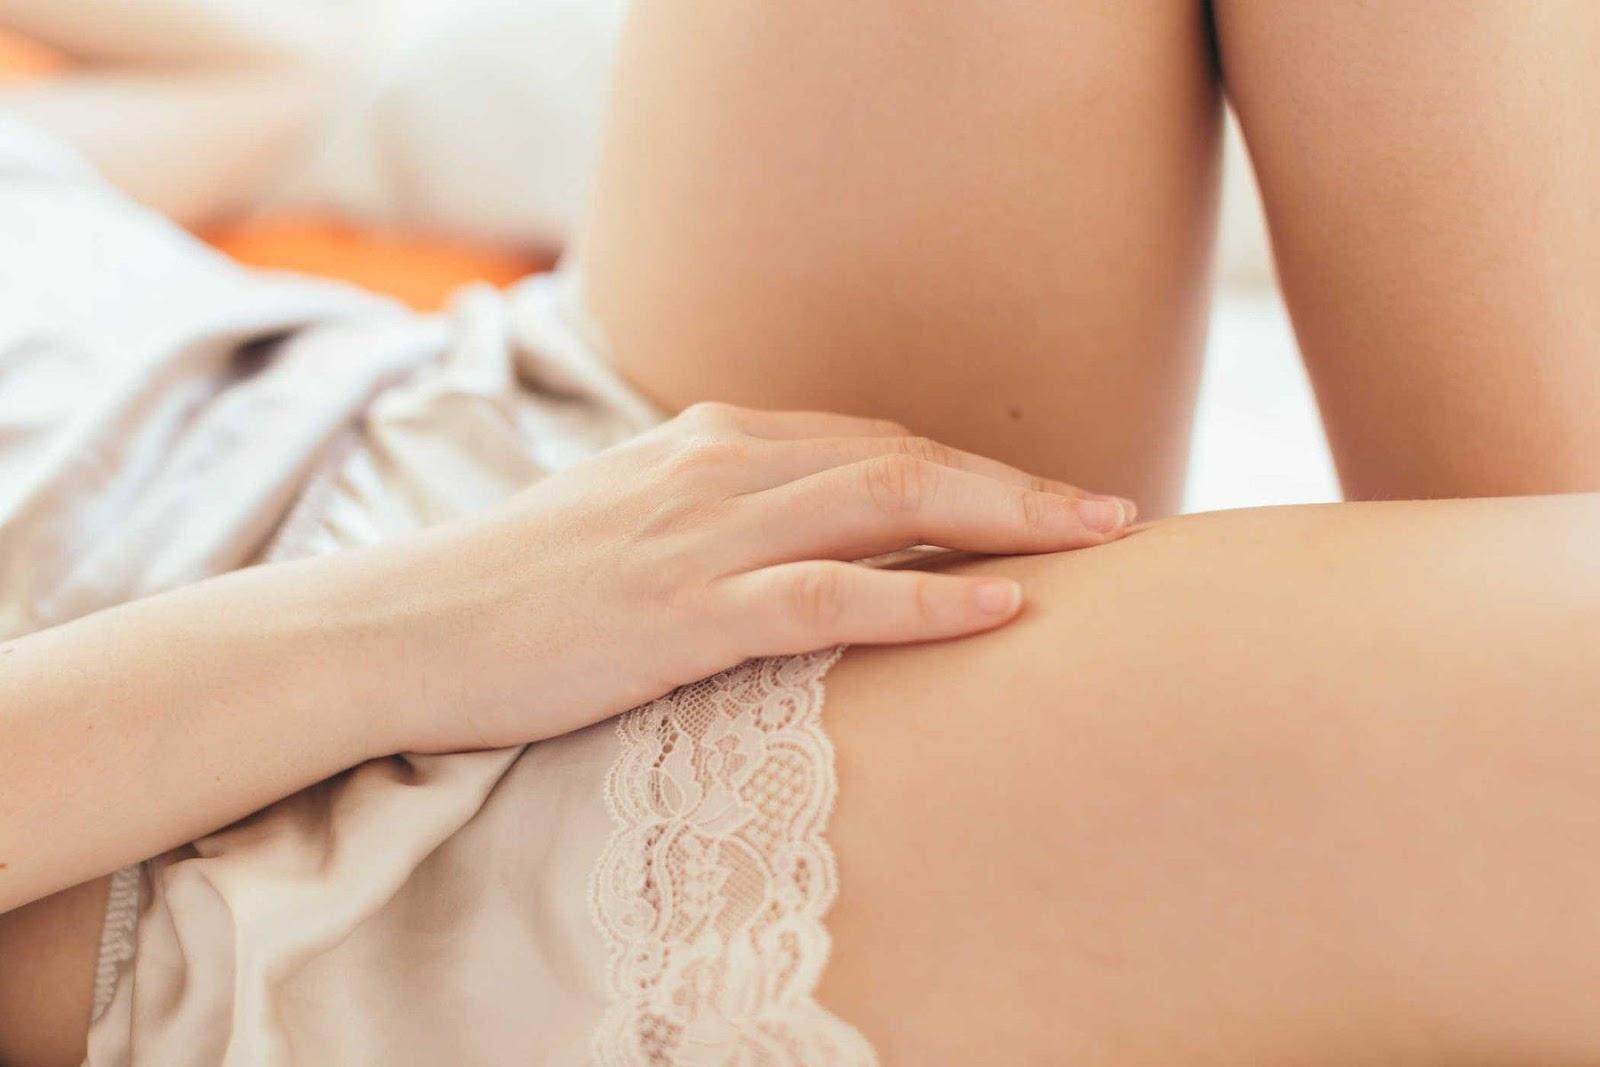 Nếu có bất kỳ dấu hiệu nào xảy ra tại vết thương xỏ khuyên, hãy nhanh chóng tìm gặp bác sĩ để điều trị nhé!